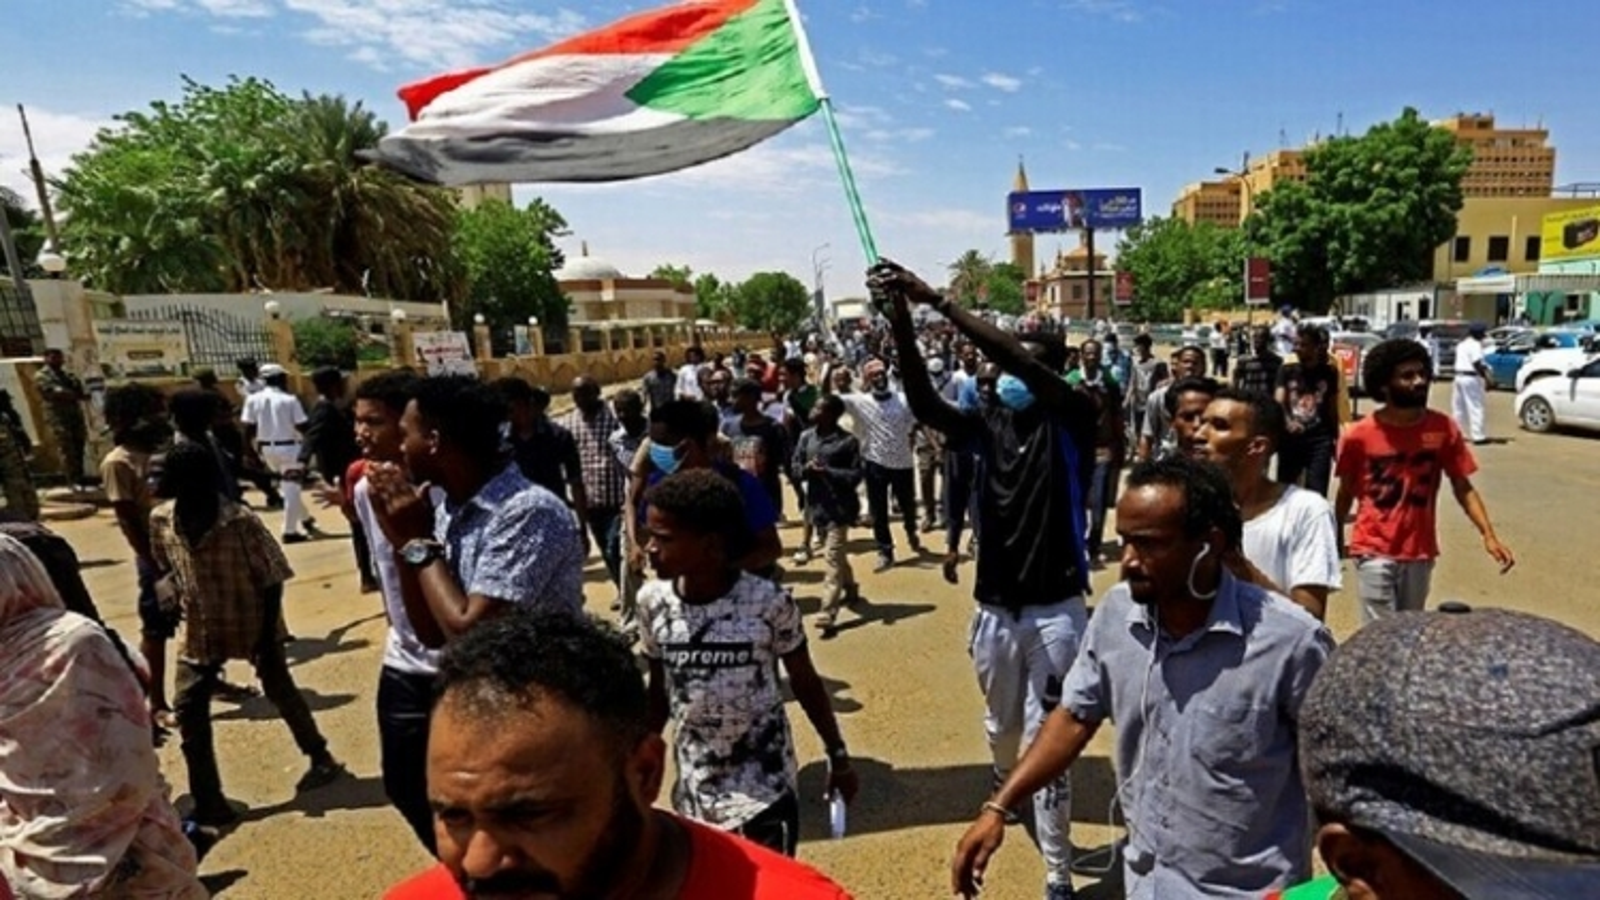 Dư luận quốc tế hoan nghênh Israel và Sudan thiết lập quan hệ ngoại giao